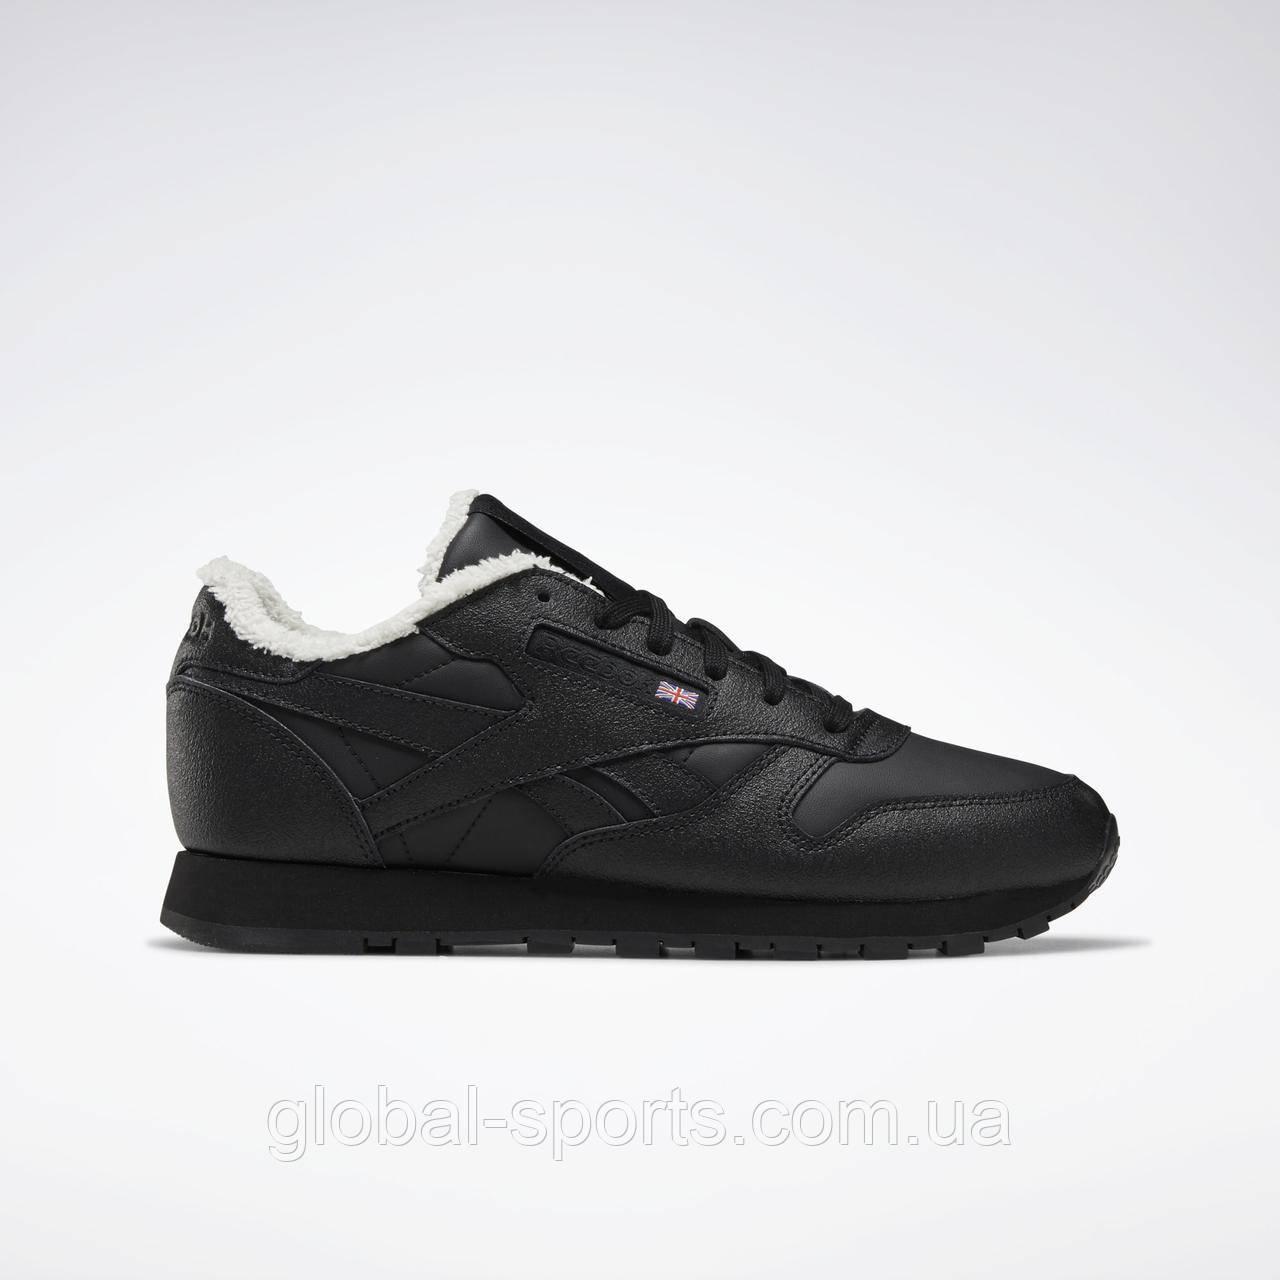 Женские кроссовки Reebok Classic Leather (Артикул: FU7775)